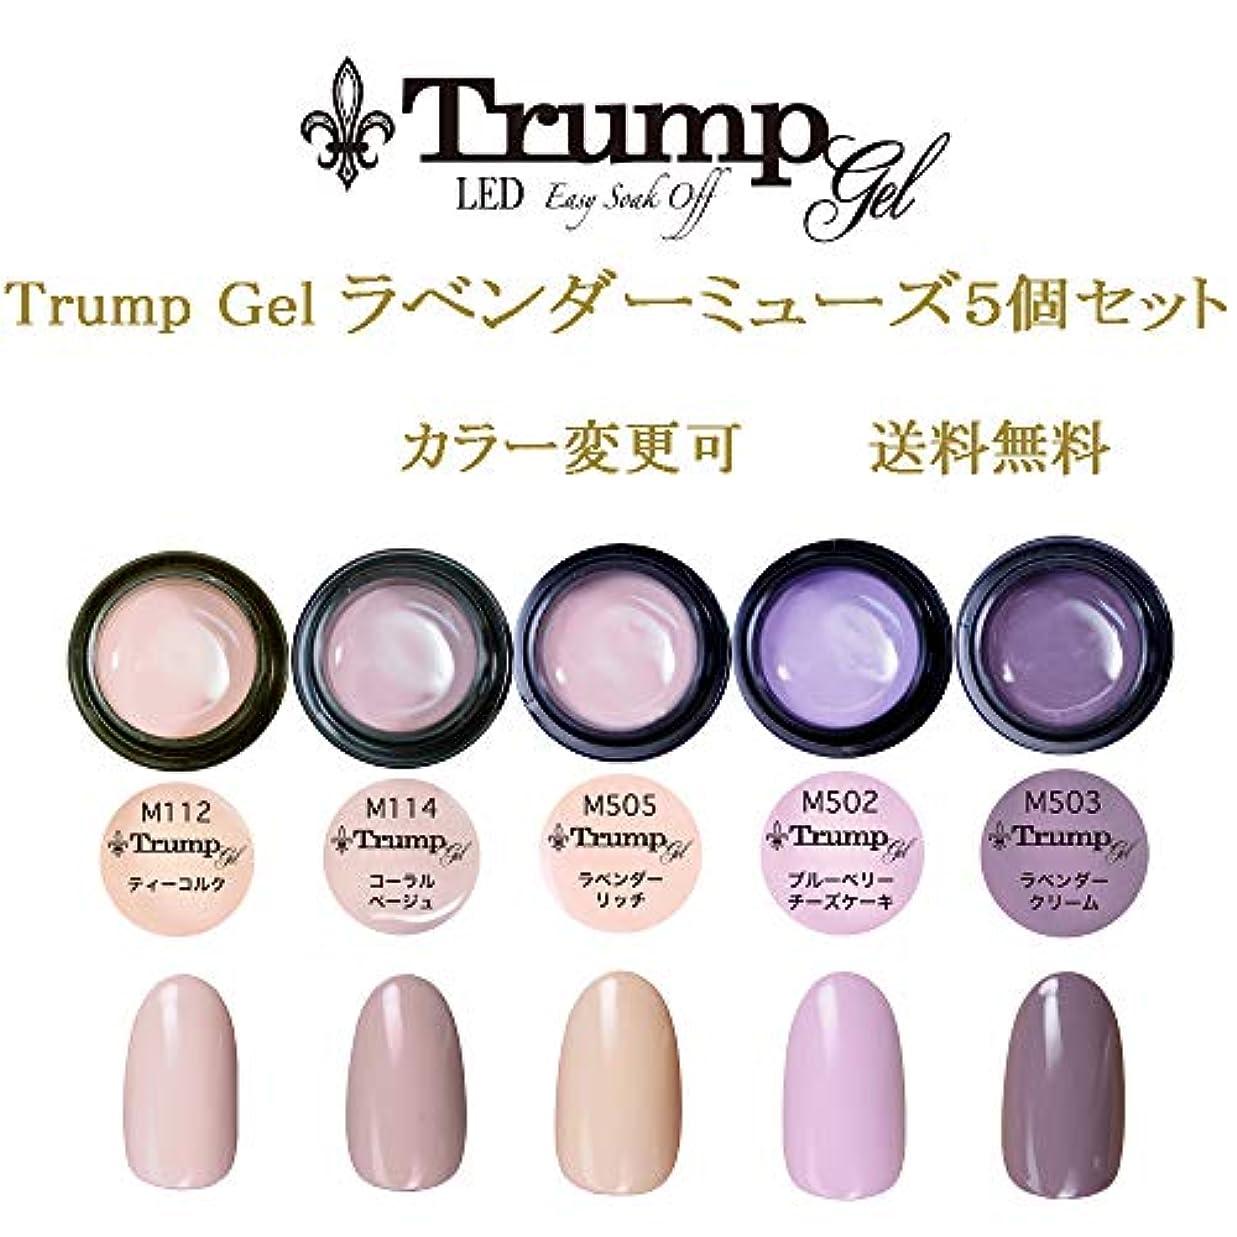 宣言するシャンパン沈黙日本製 Trump gel トランプジェル ラベンダーミューズカラー 選べる カラージェル 5個セット ピンク ベージュ ラベンダーカラー